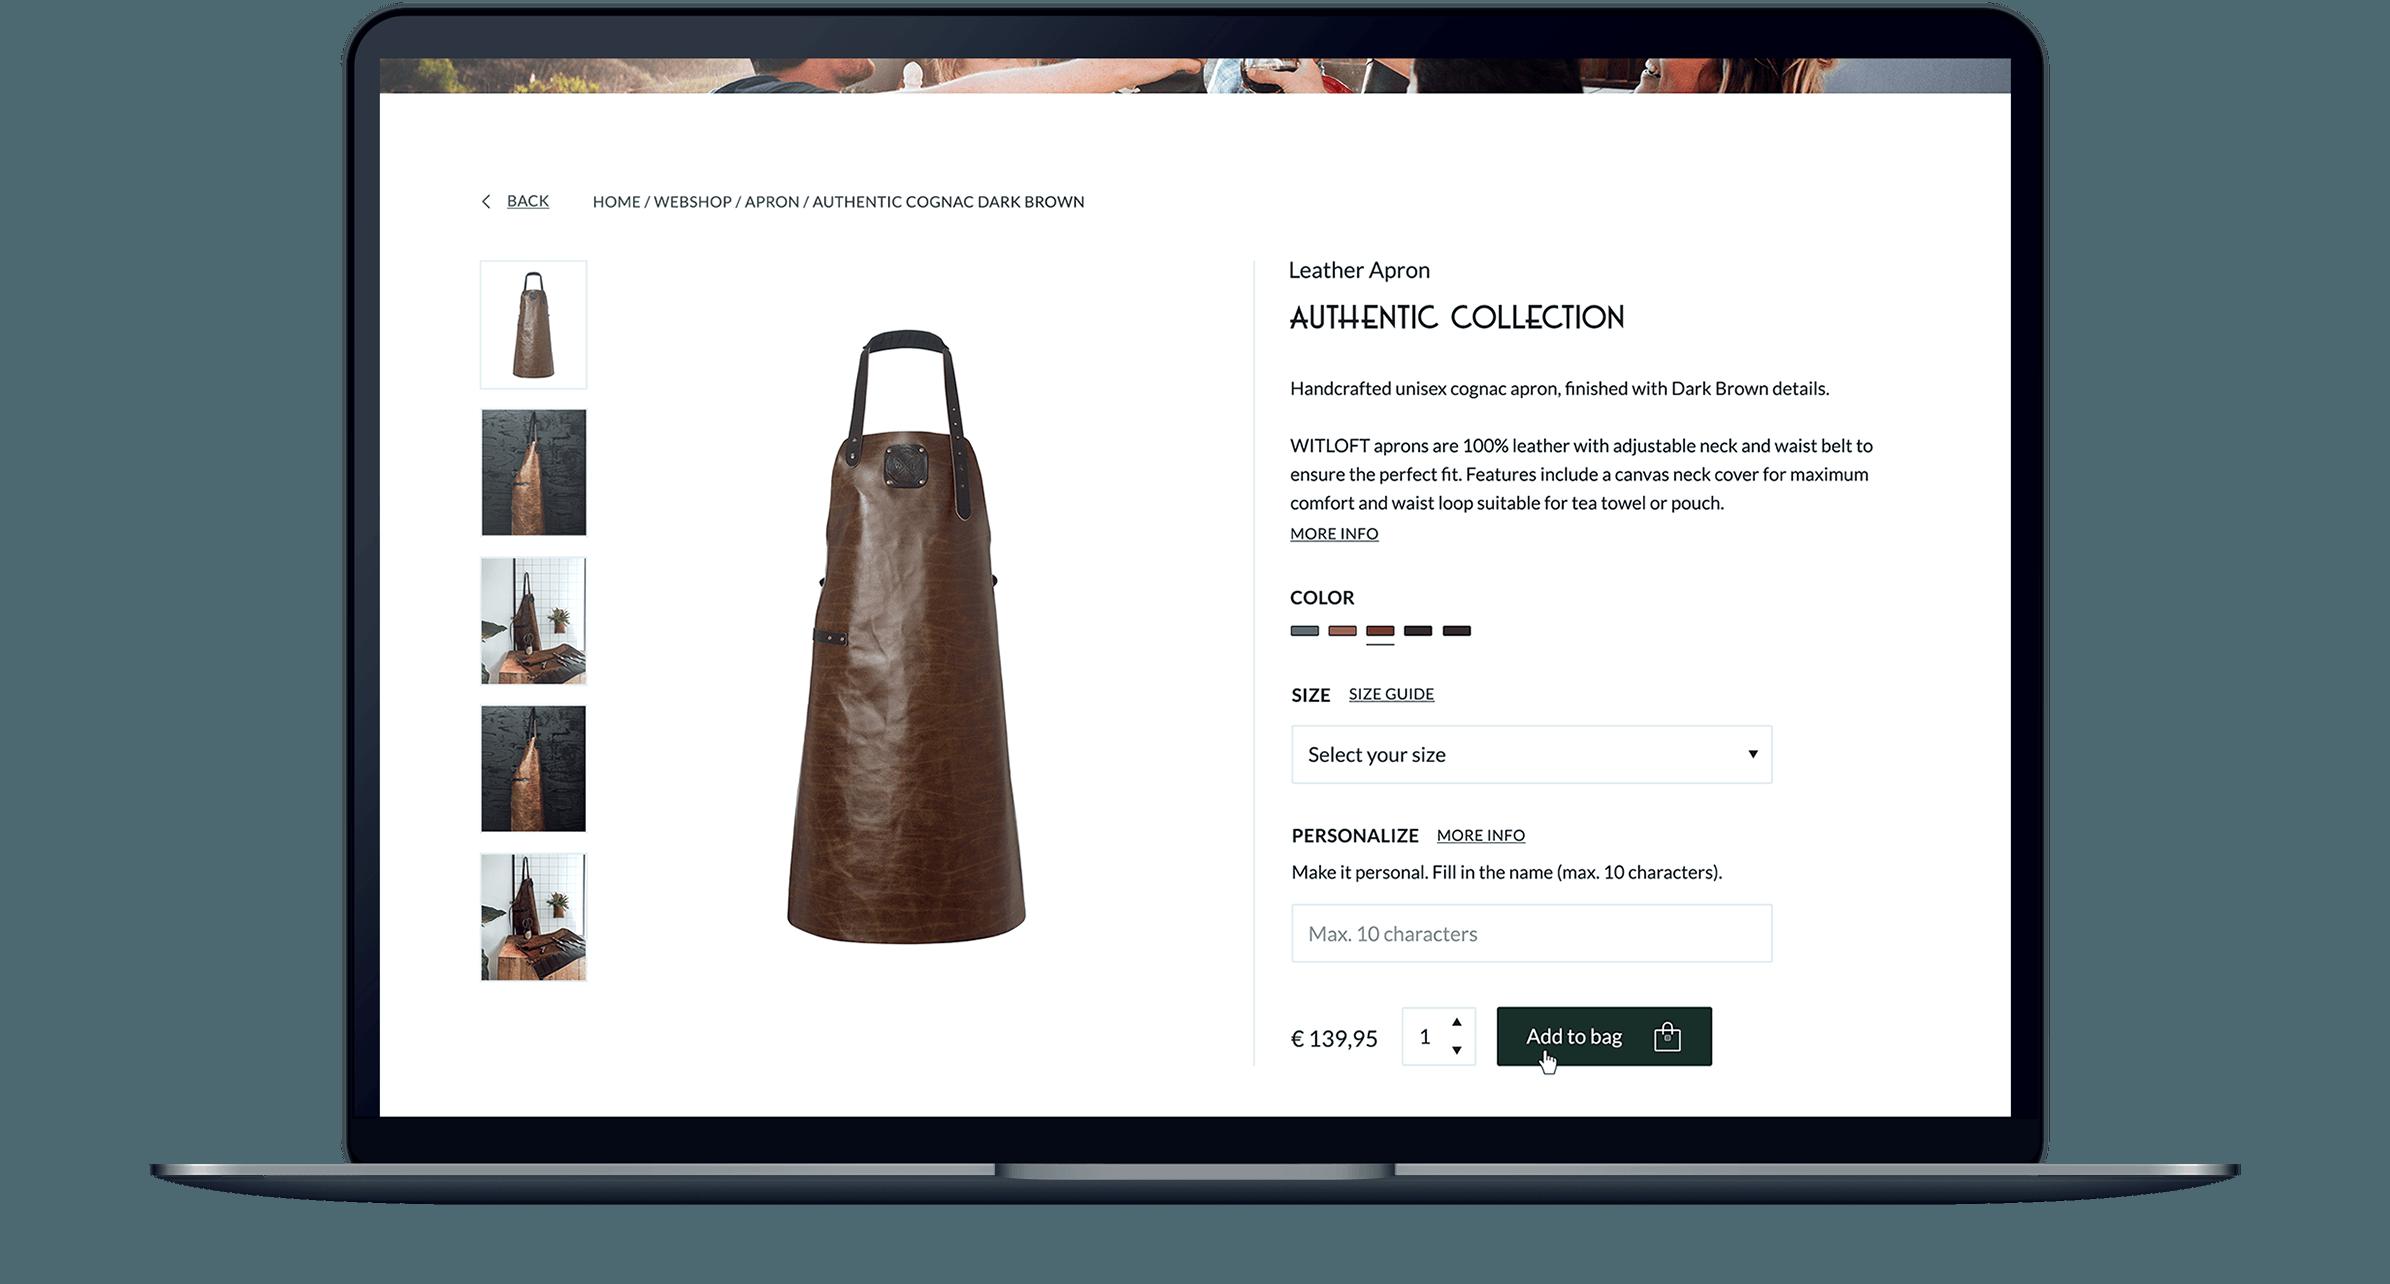 WITLOFT website productpagina weergegeven op een MacBook